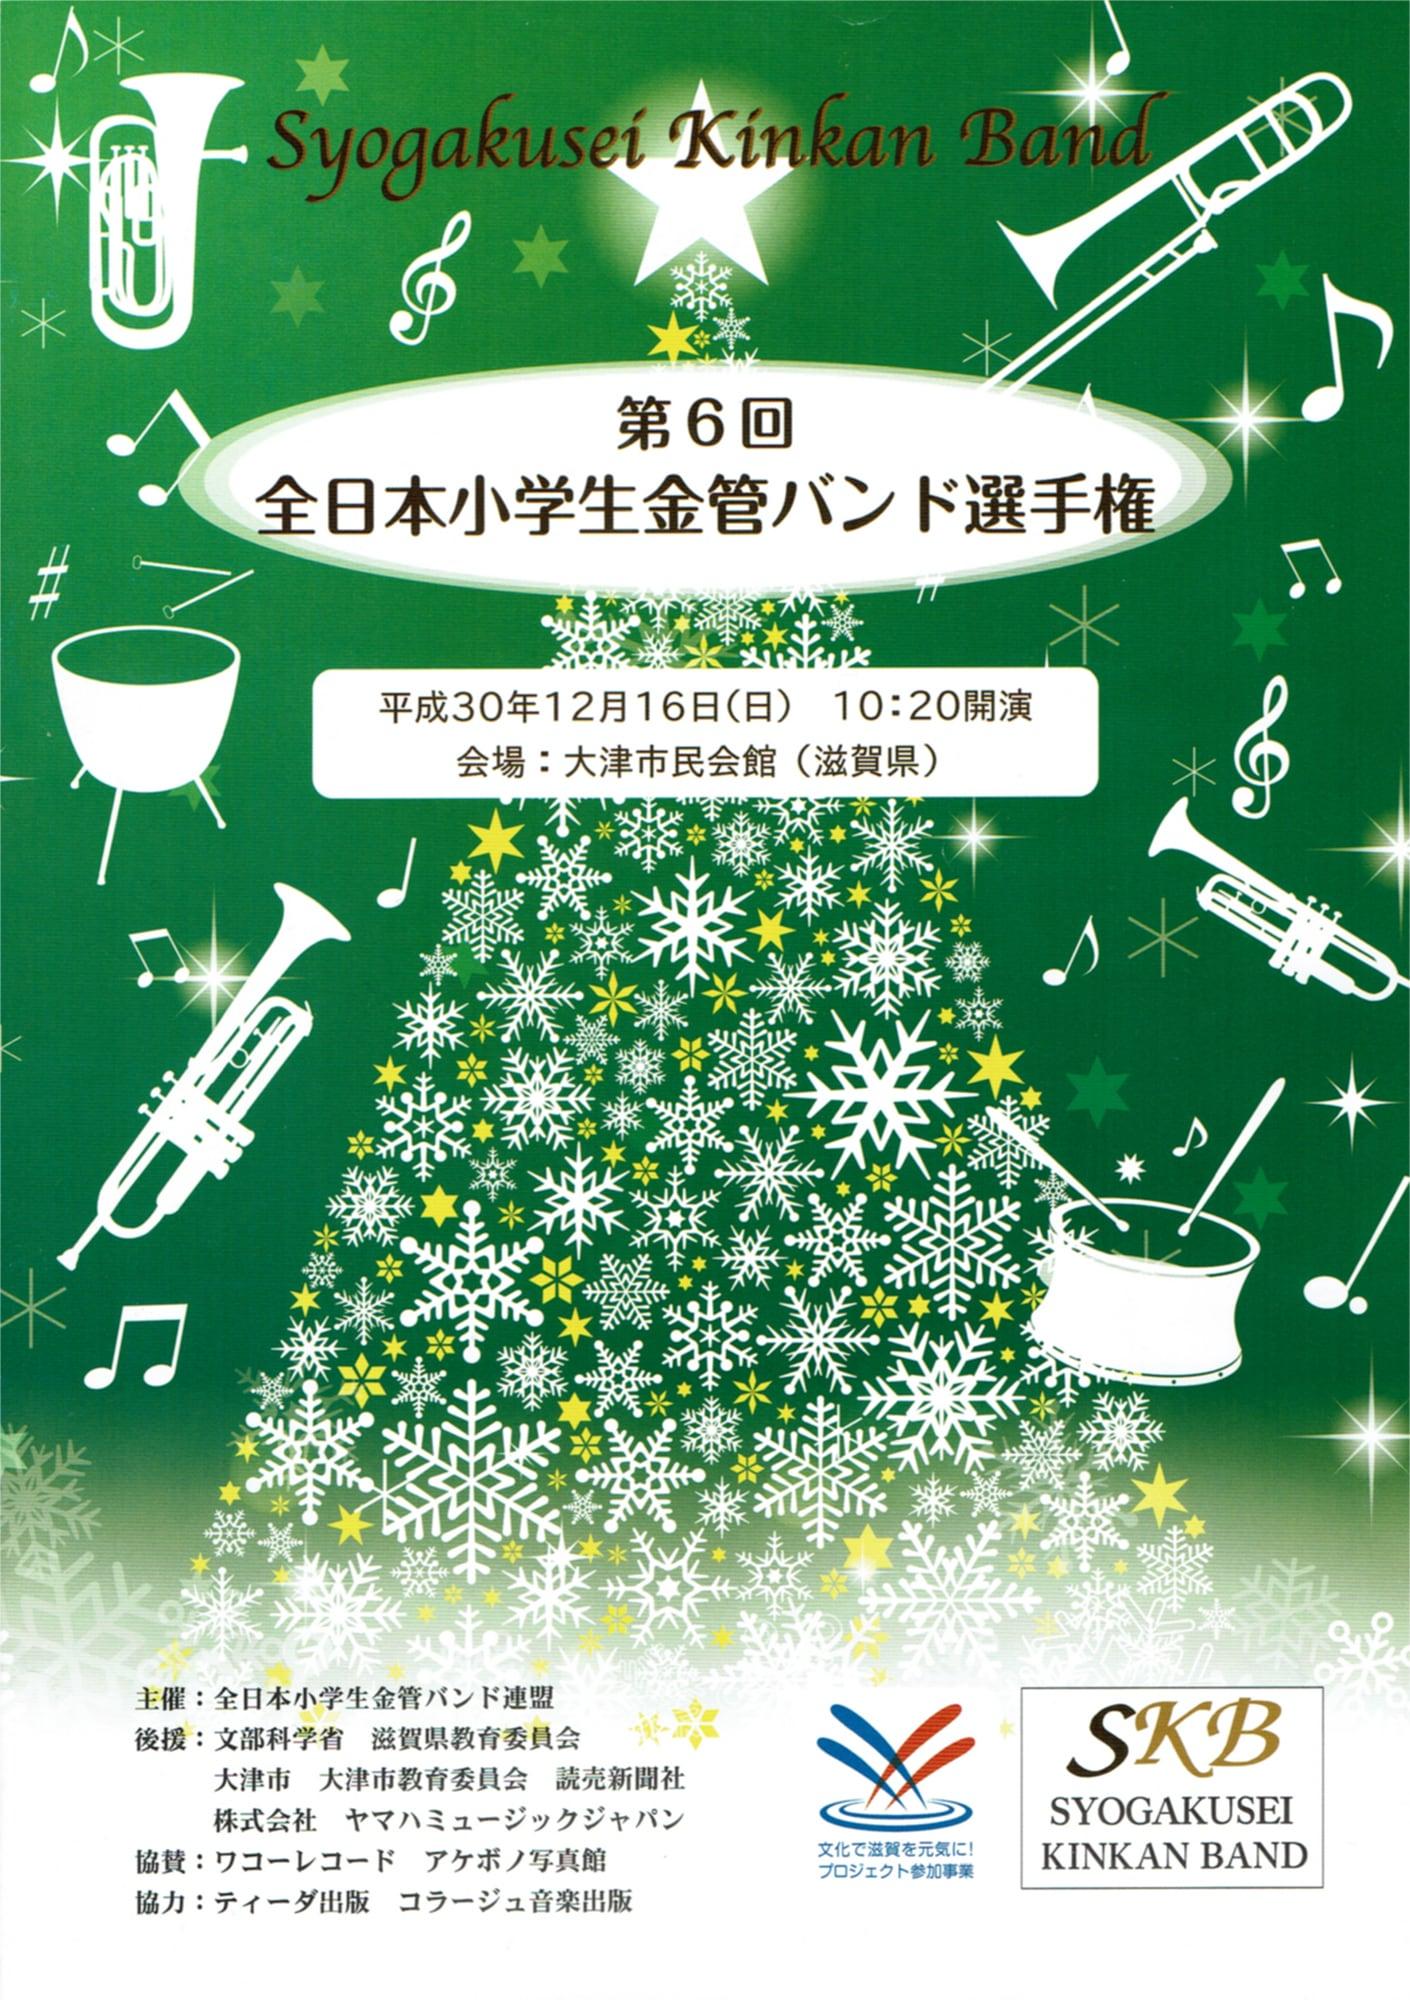 【DVD/Blu-ray】第6回全日本小学校金管バンド選手権全団体収録(3枚セット)